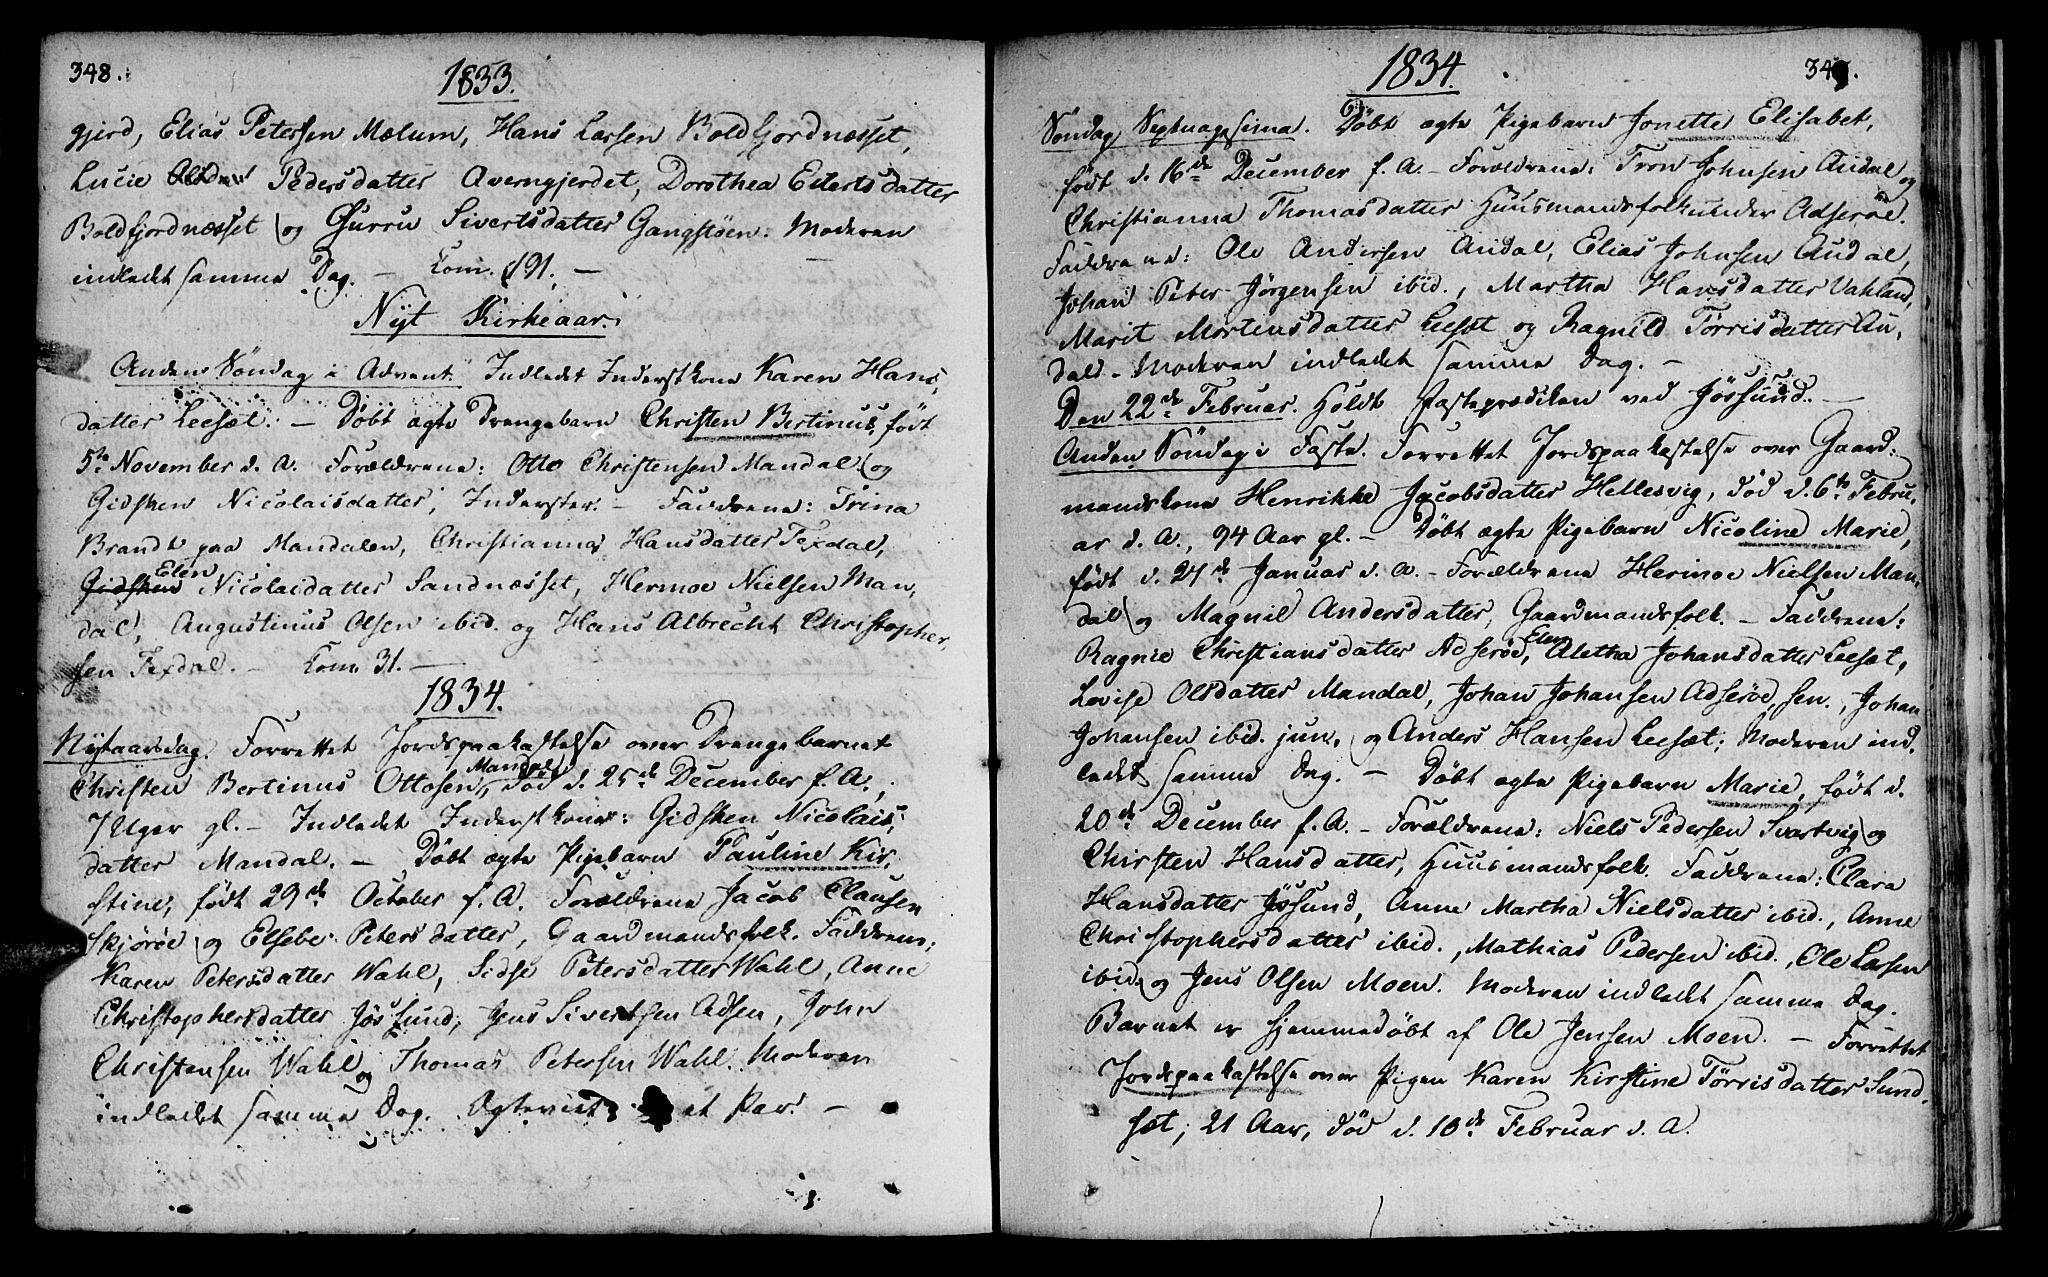 SAT, Ministerialprotokoller, klokkerbøker og fødselsregistre - Sør-Trøndelag, 655/L0674: Ministerialbok nr. 655A03, 1802-1826, s. 348-349